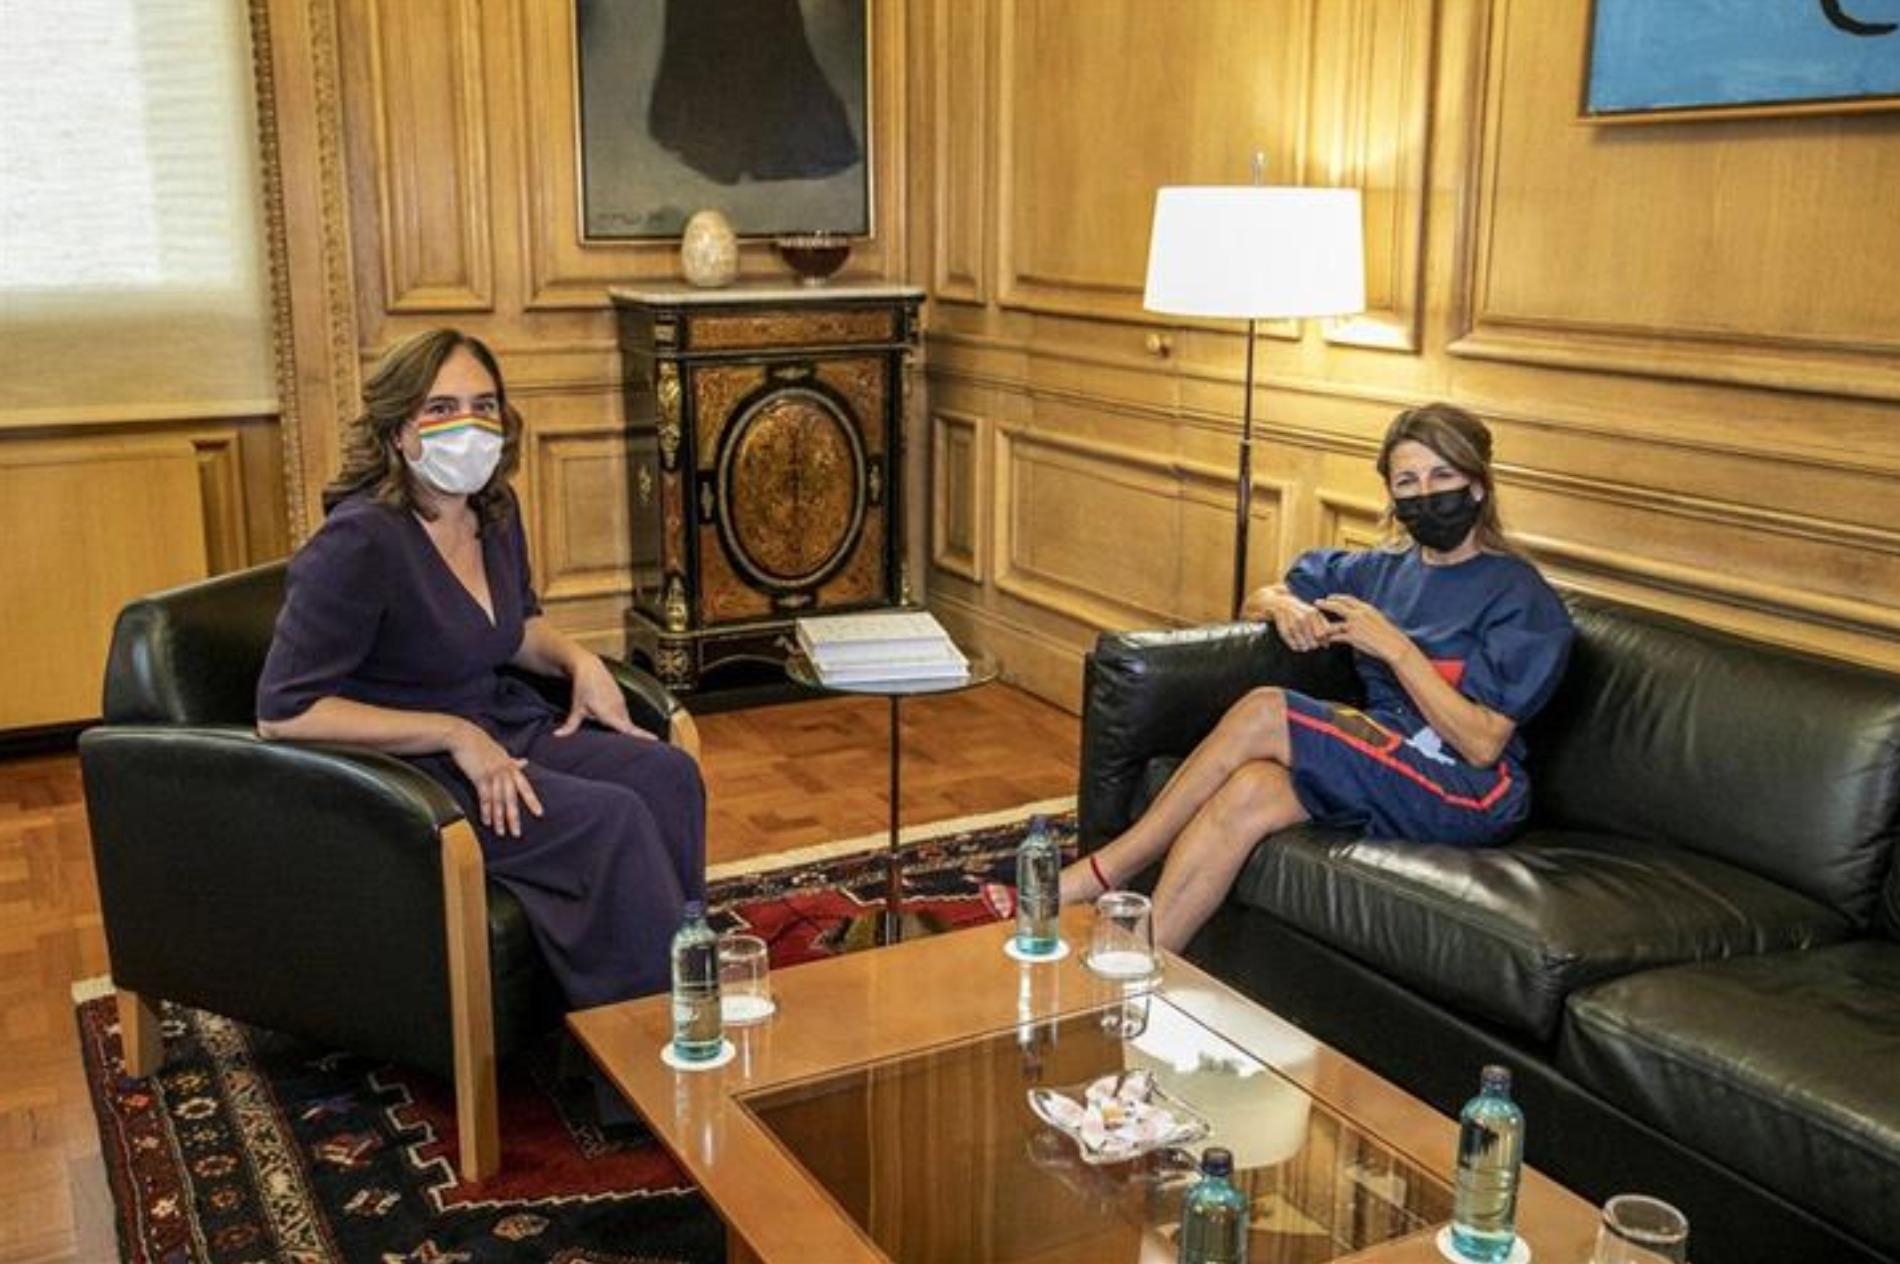 La ministra de Trabajo y Economía Social, Yolanda Díaz, tras una reunión con la alcaldesa de Barcelona, Ada Colau, en septiembre de 2020 / Moncloa